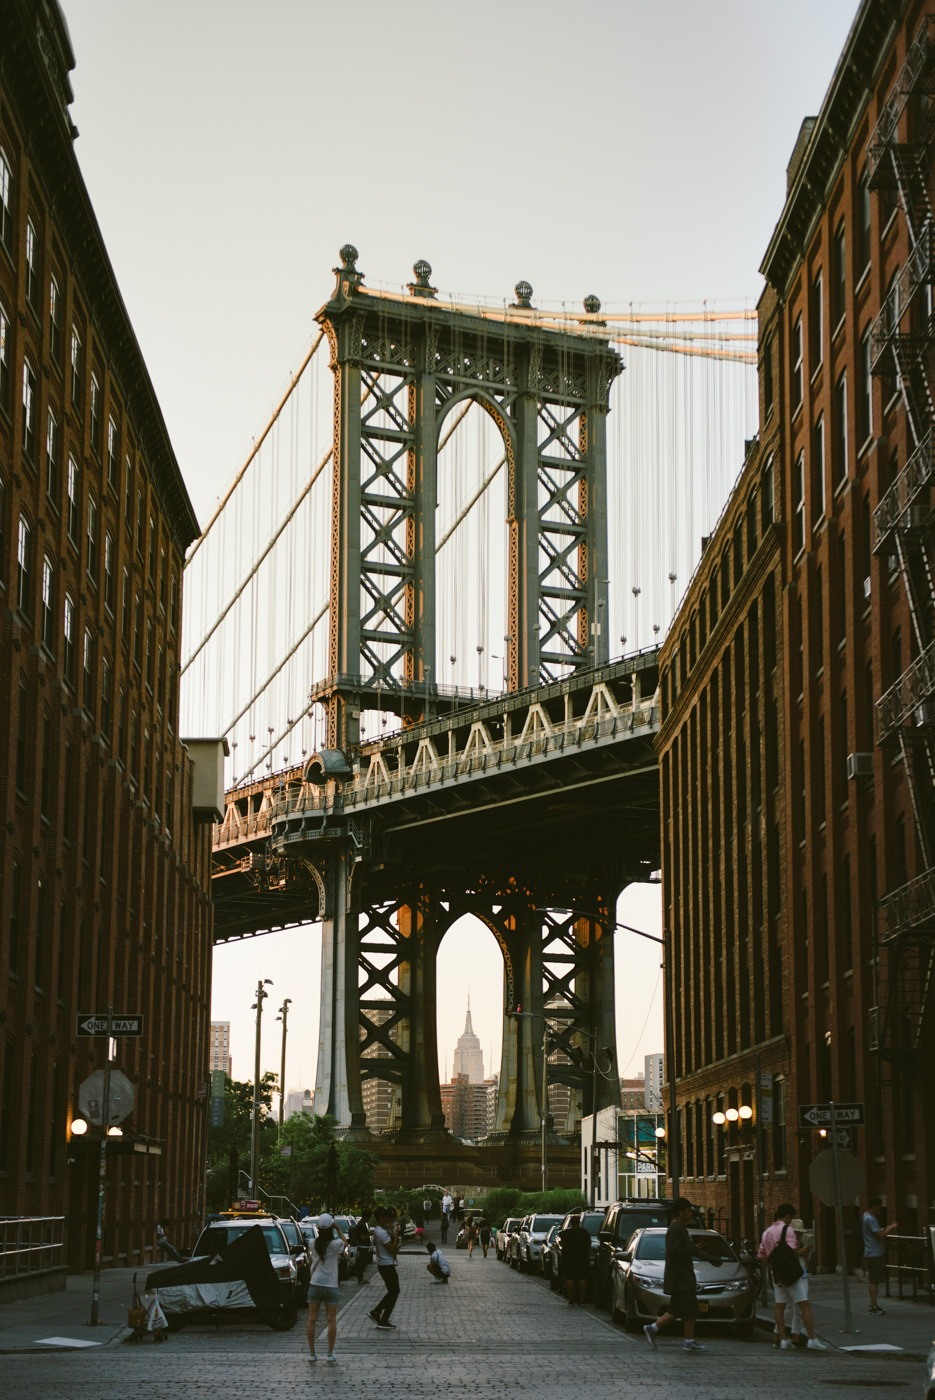 New York - Giuseppe Torretta - Street